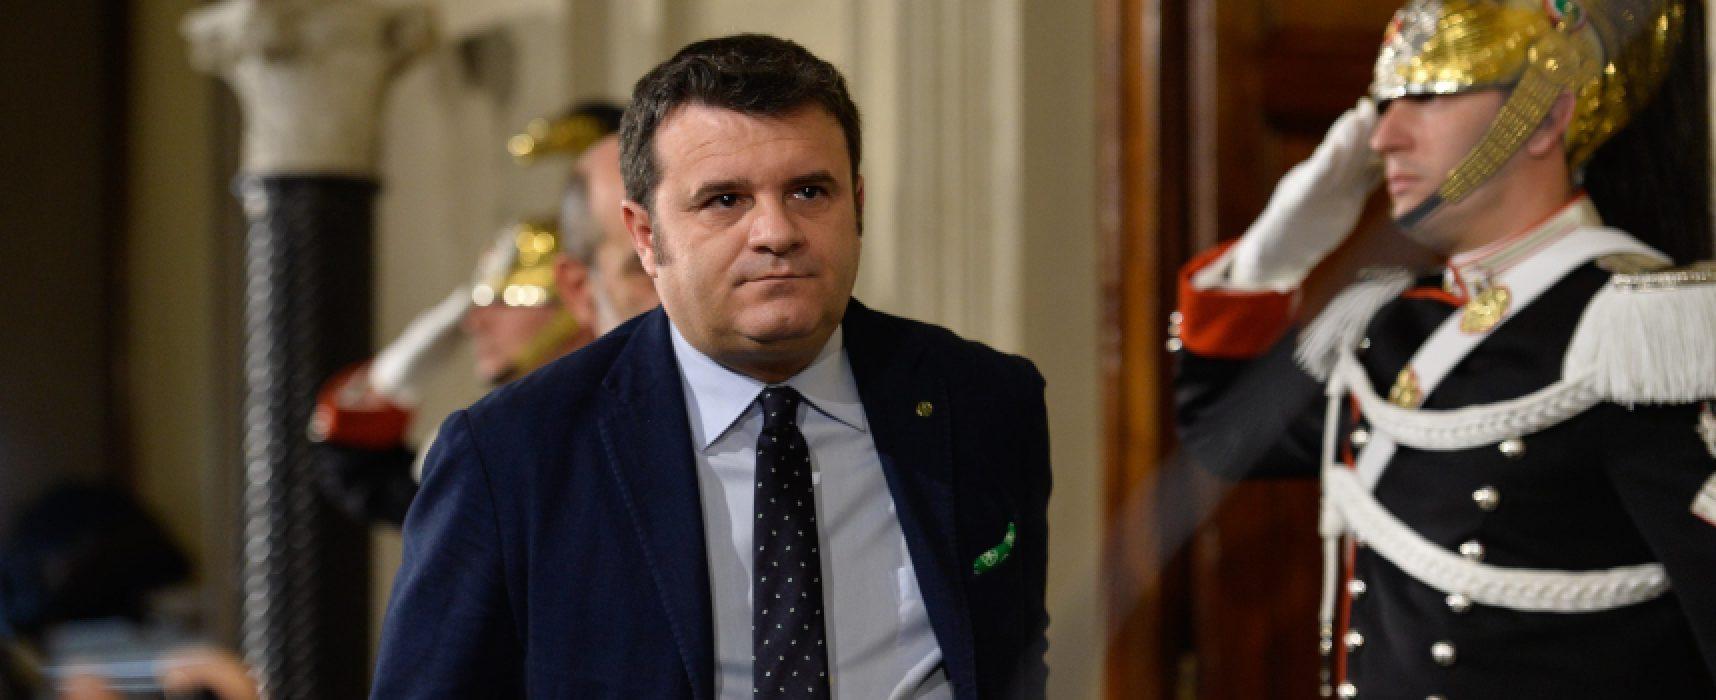 Al via DigithON: oggi a Bisceglie Pinuccio, il Ministro Centinaio e Del Fante (Poste Italiane)